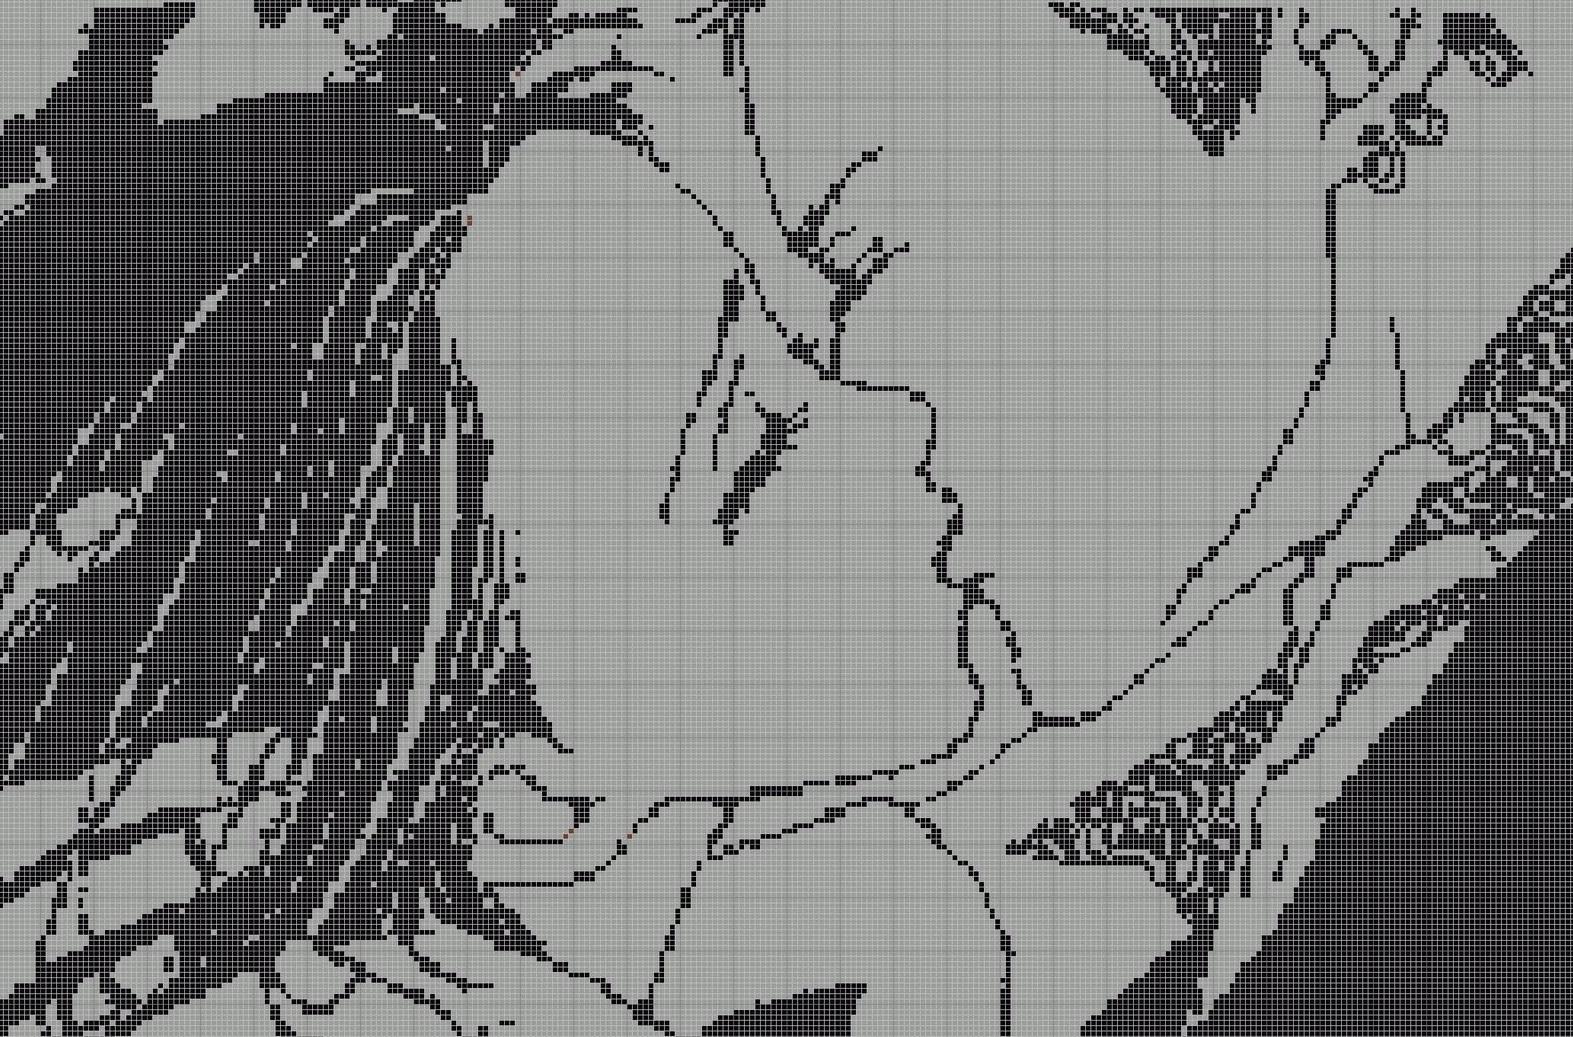 Вампир-аниме крестиком: вышивка по схемам, смотреть мультик и картинки, как вышить простые по клеткам персонажи